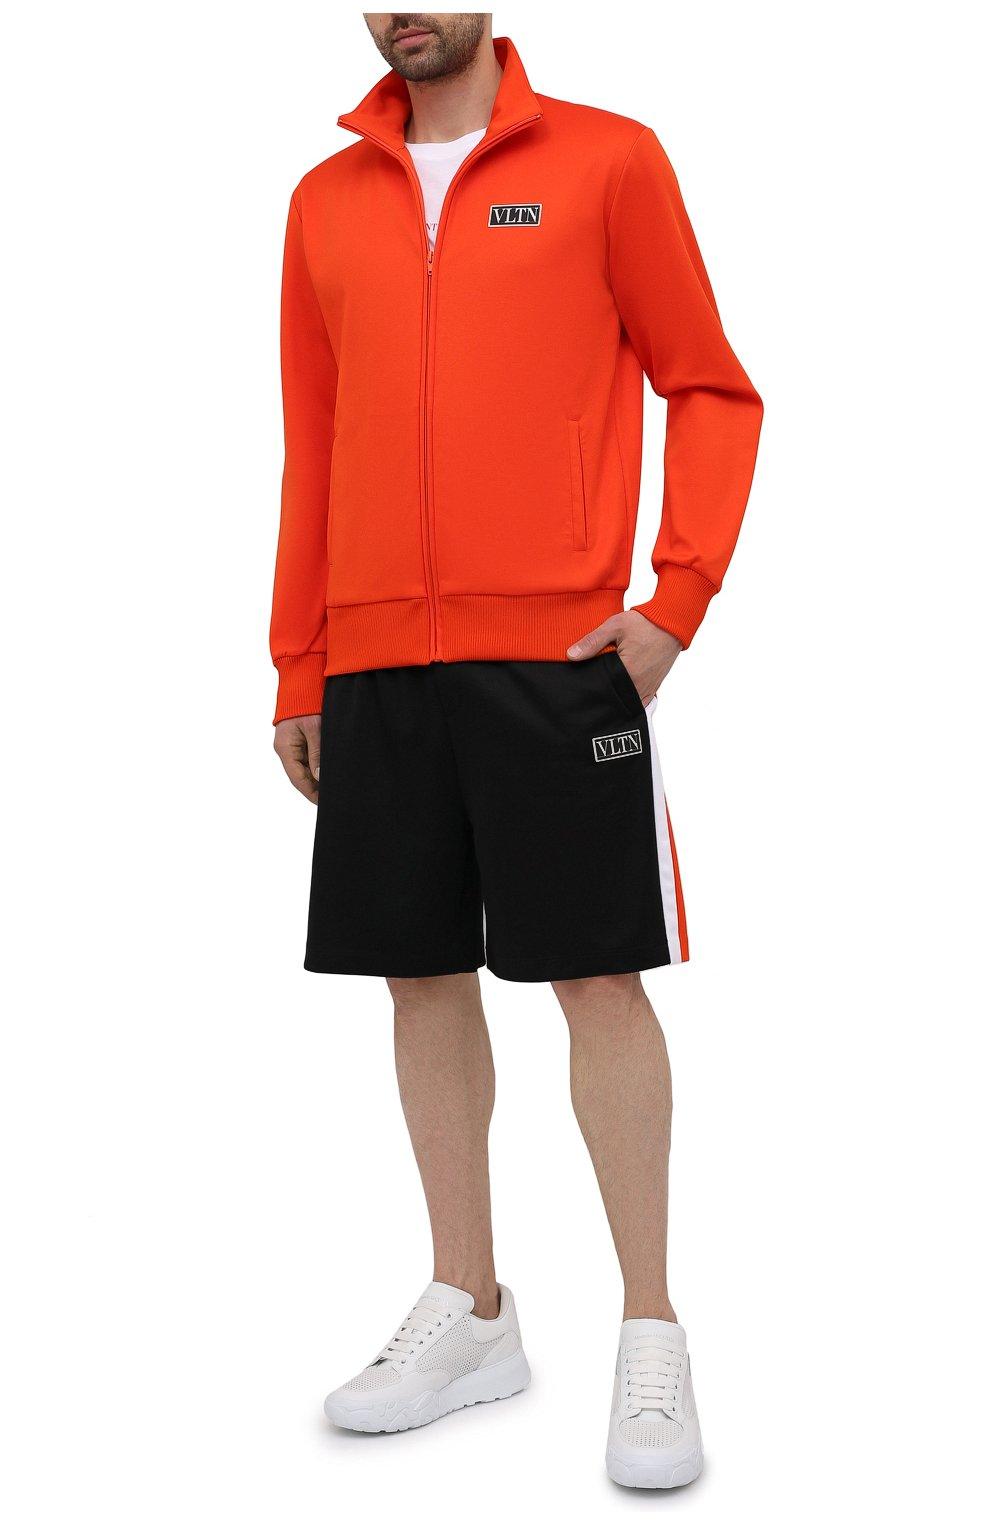 Мужские хлопковые шорты VALENTINO черного цвета, арт. WV3MD03D7LY | Фото 2 (Принт: Без принта; Длина Шорты М: Ниже колена; Материал внешний: Синтетический материал, Хлопок; Кросс-КТ: Трикотаж; Стили: Спорт-шик)